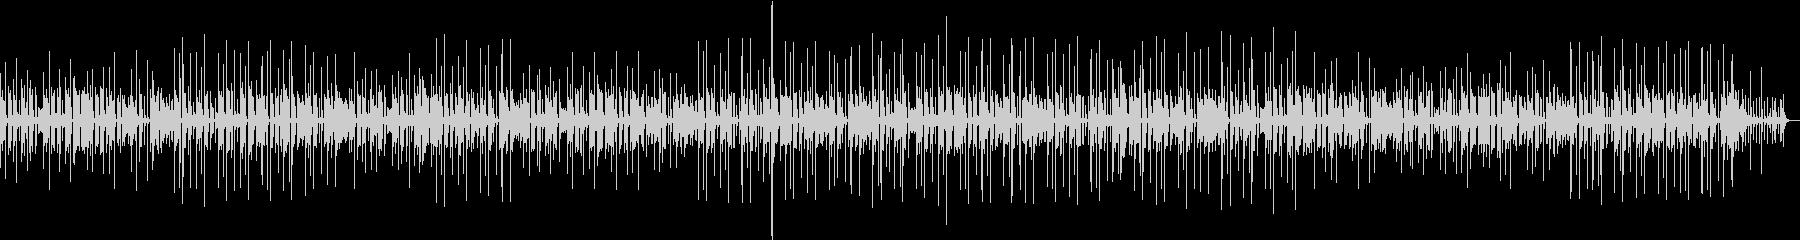 スローなファンクの未再生の波形